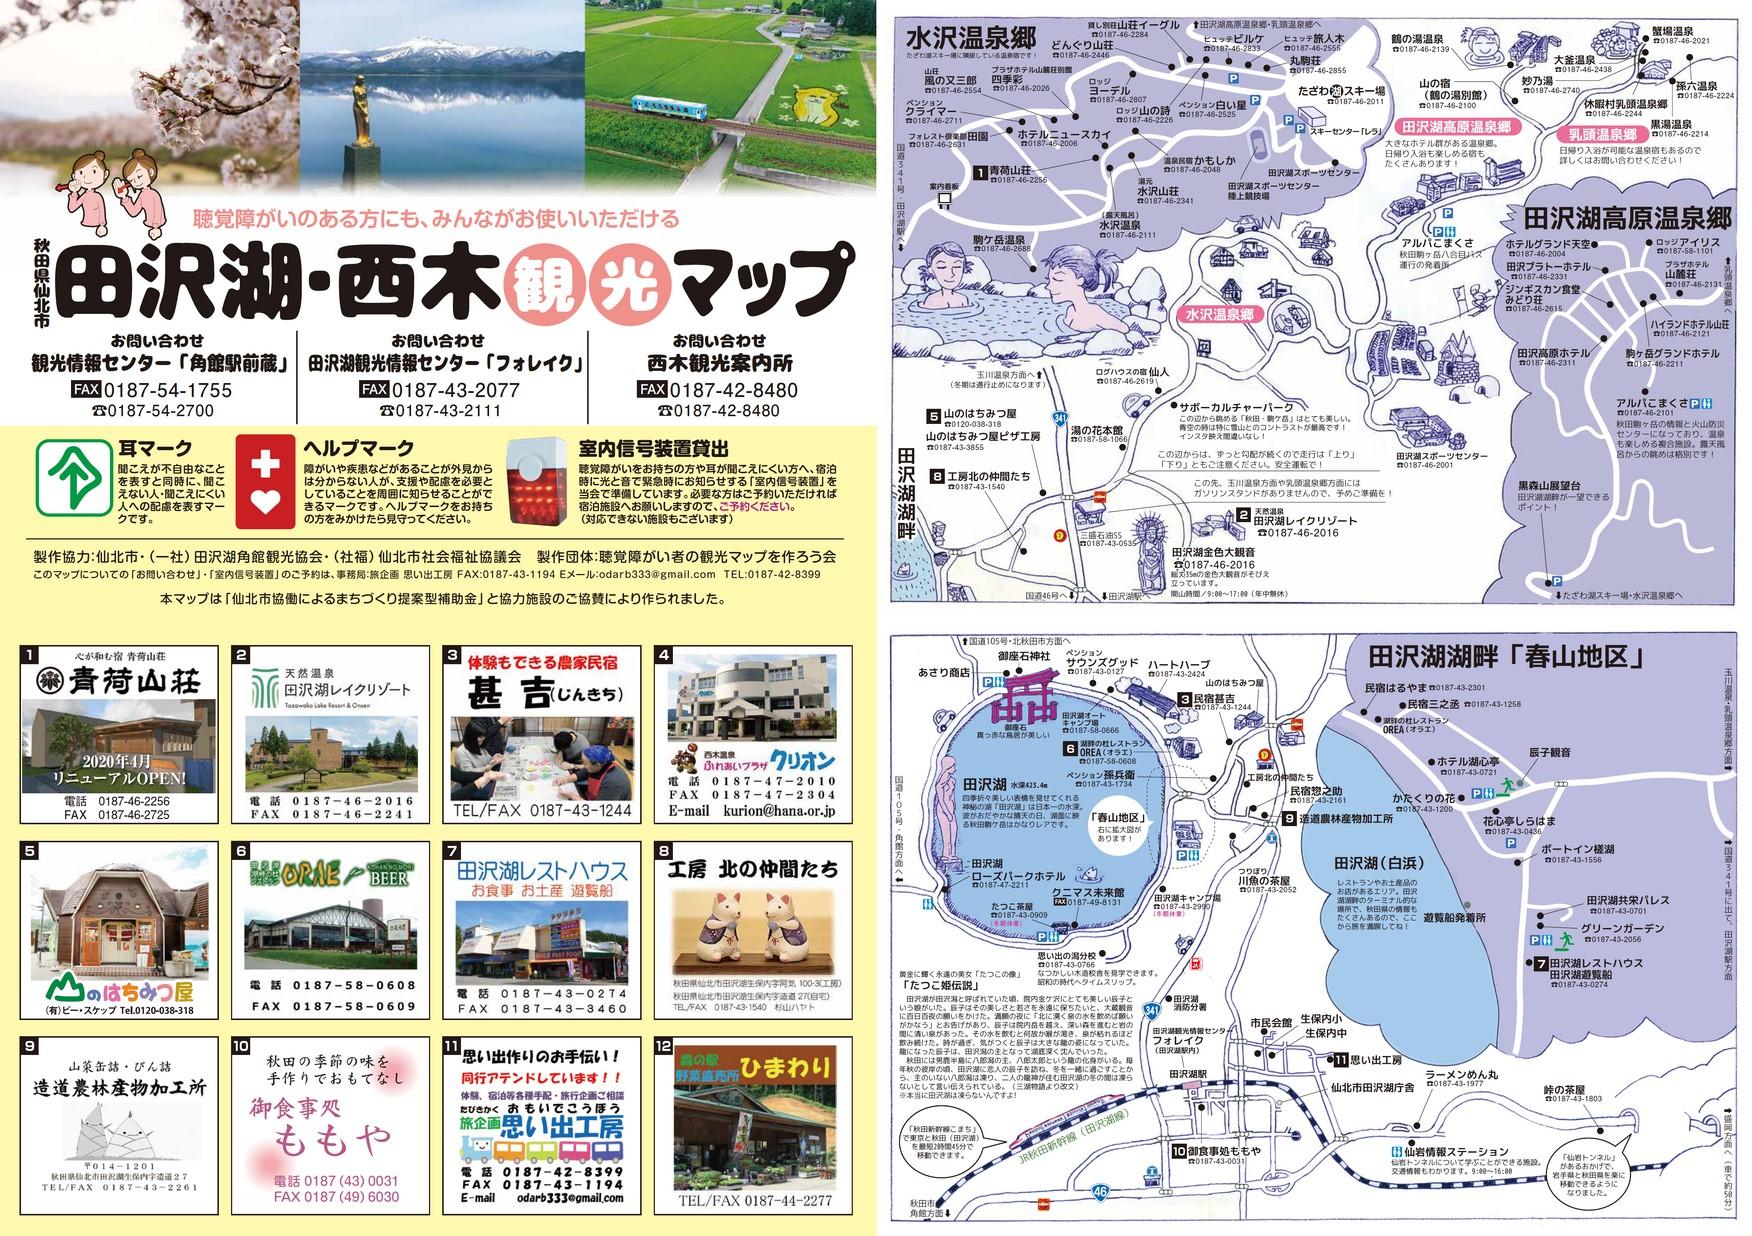 仙北市「田沢湖・西木ユニバーサルデザイン観光マップ」2020